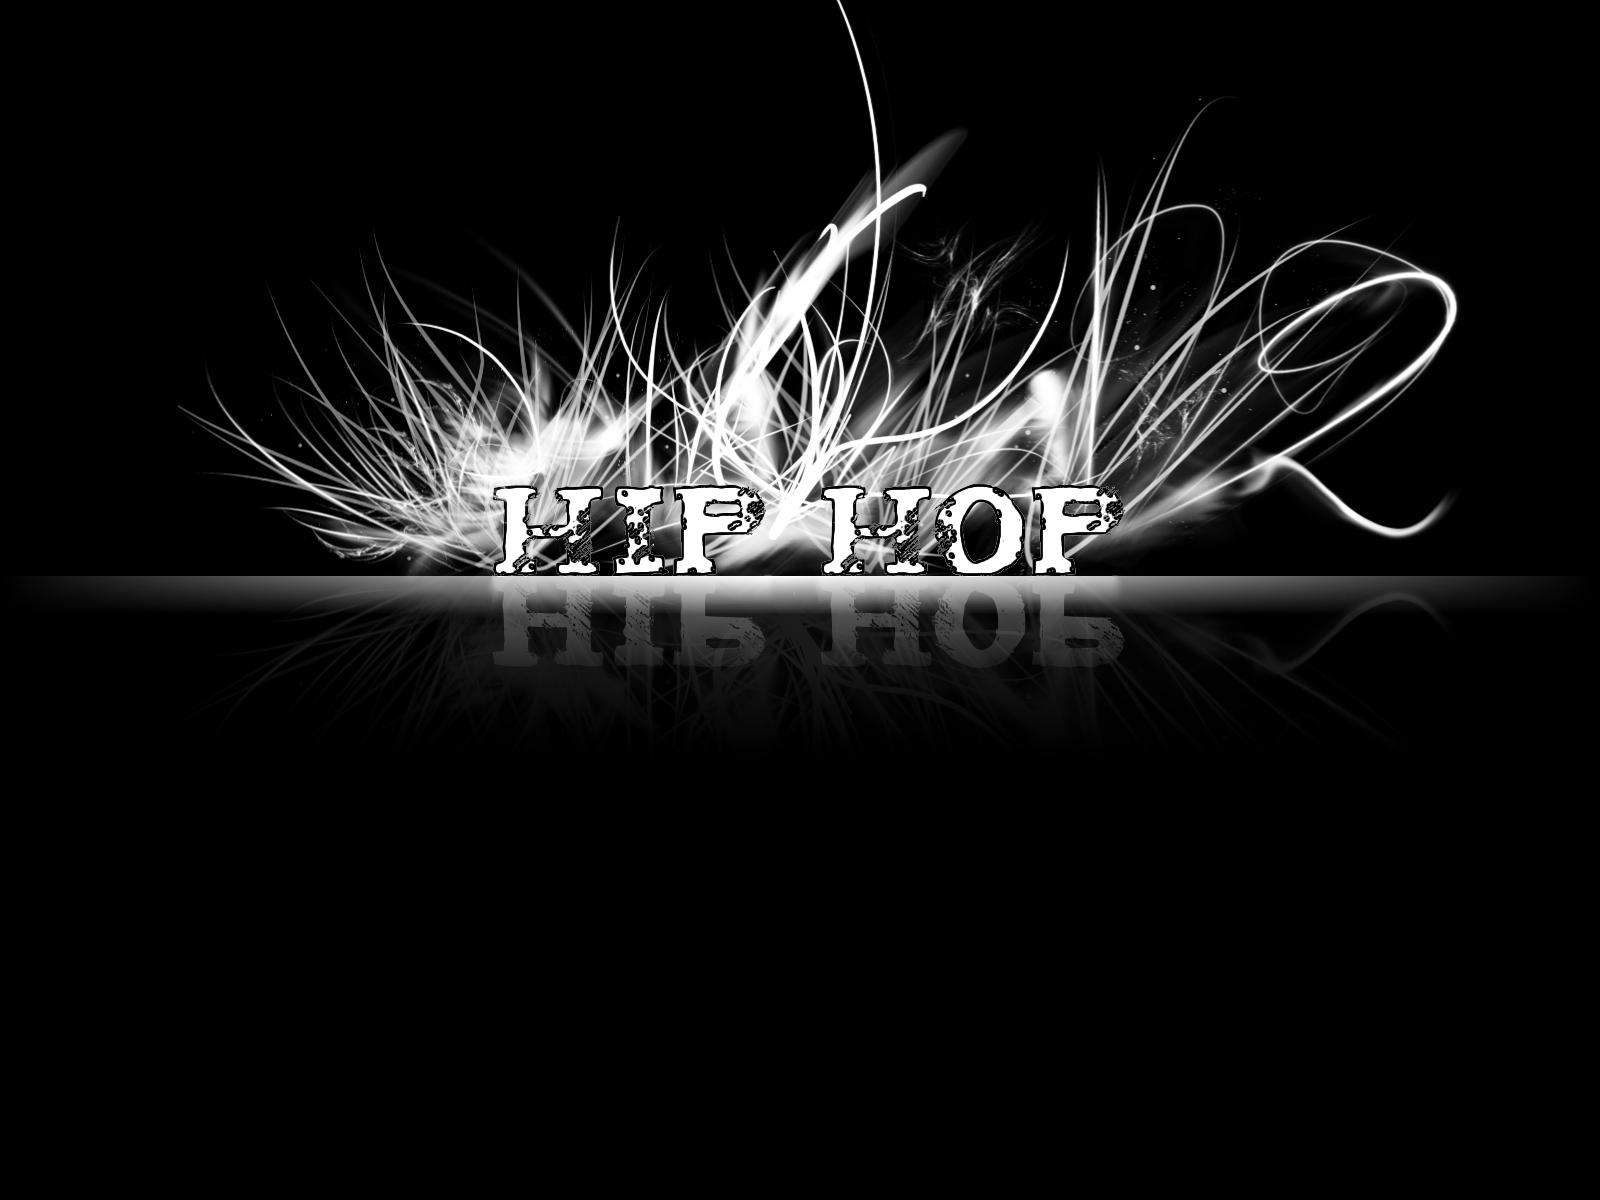 http://1.bp.blogspot.com/_04YHWPn7fLg/SwMyKJNr-xI/AAAAAAAAADQ/Yr0rQ61LVOw/s1600/img-wallpapers-hip-hop-clubadmin-12348.jpg